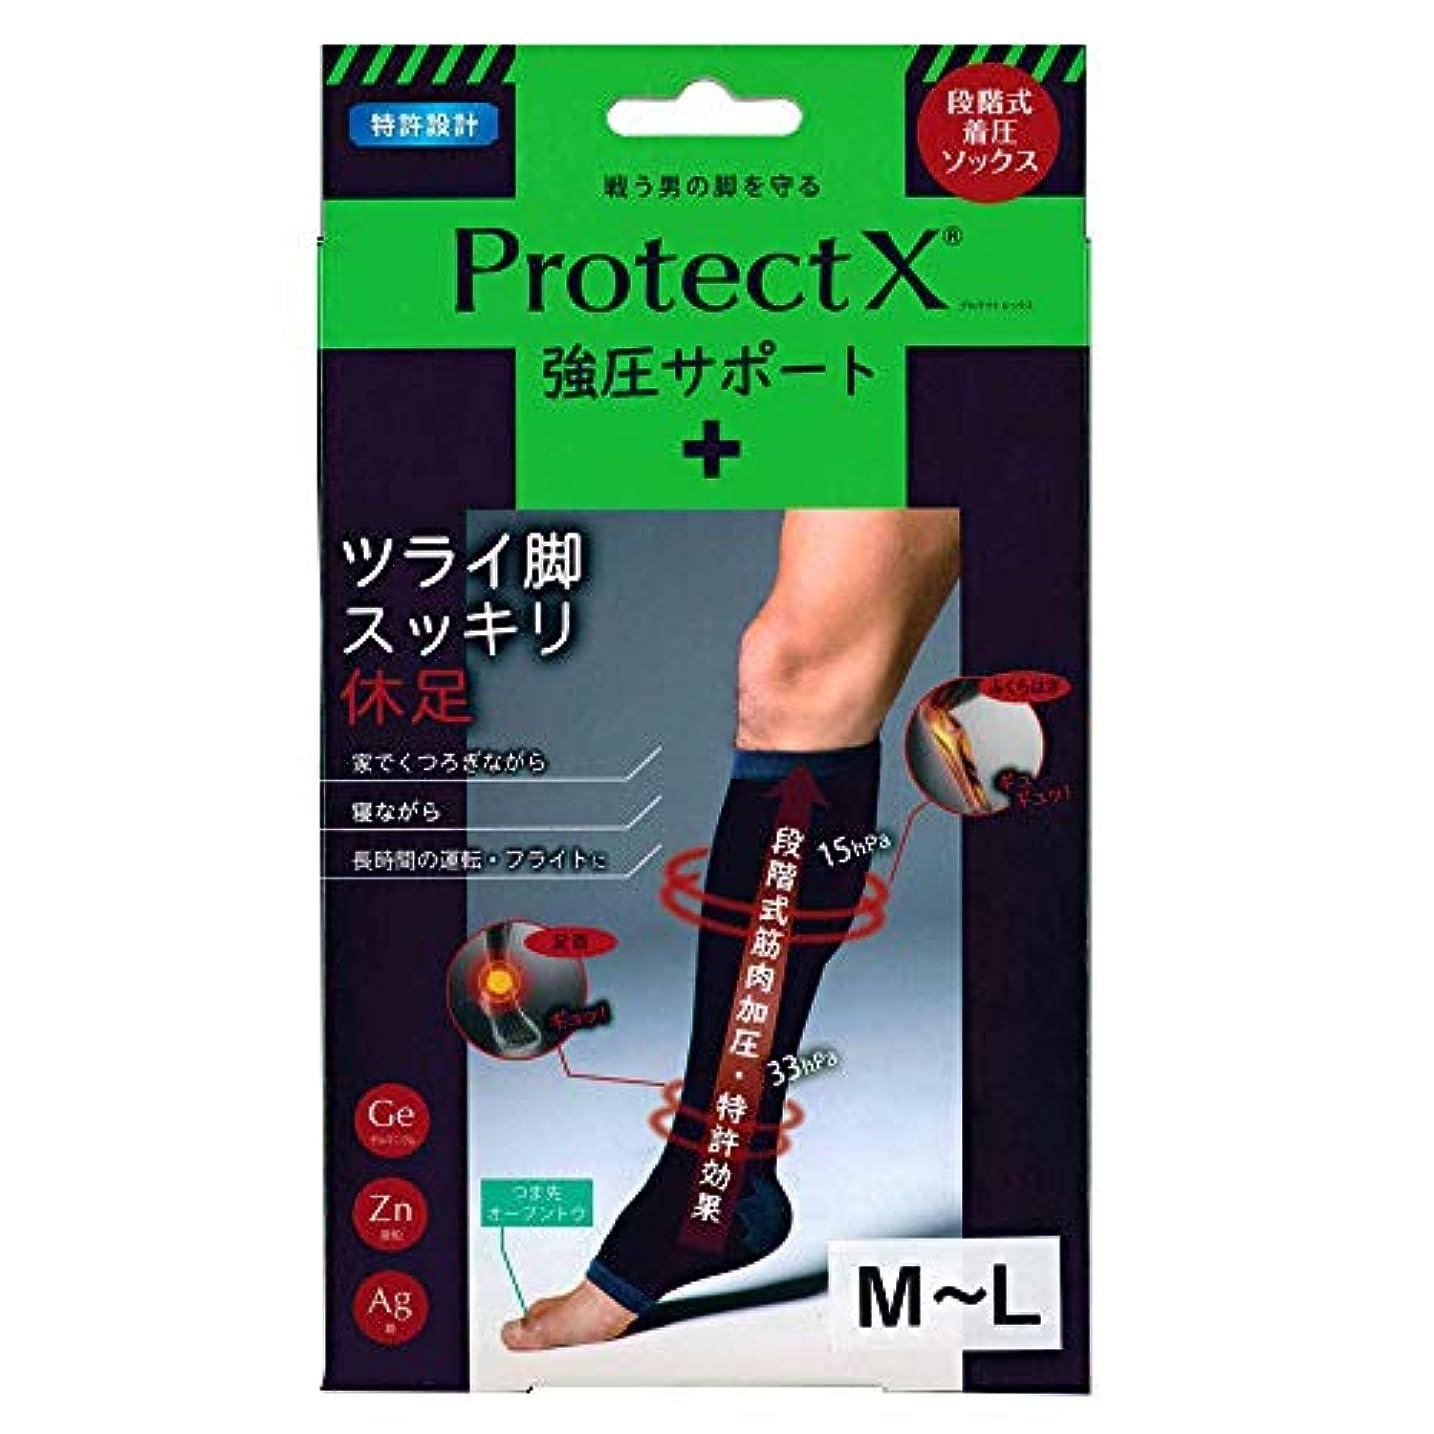 コンパイルインフレーションエッセイProtect X(プロテクトエックス) 強圧サポート オープントゥ着圧ソックス 膝下 (膝下M-L)